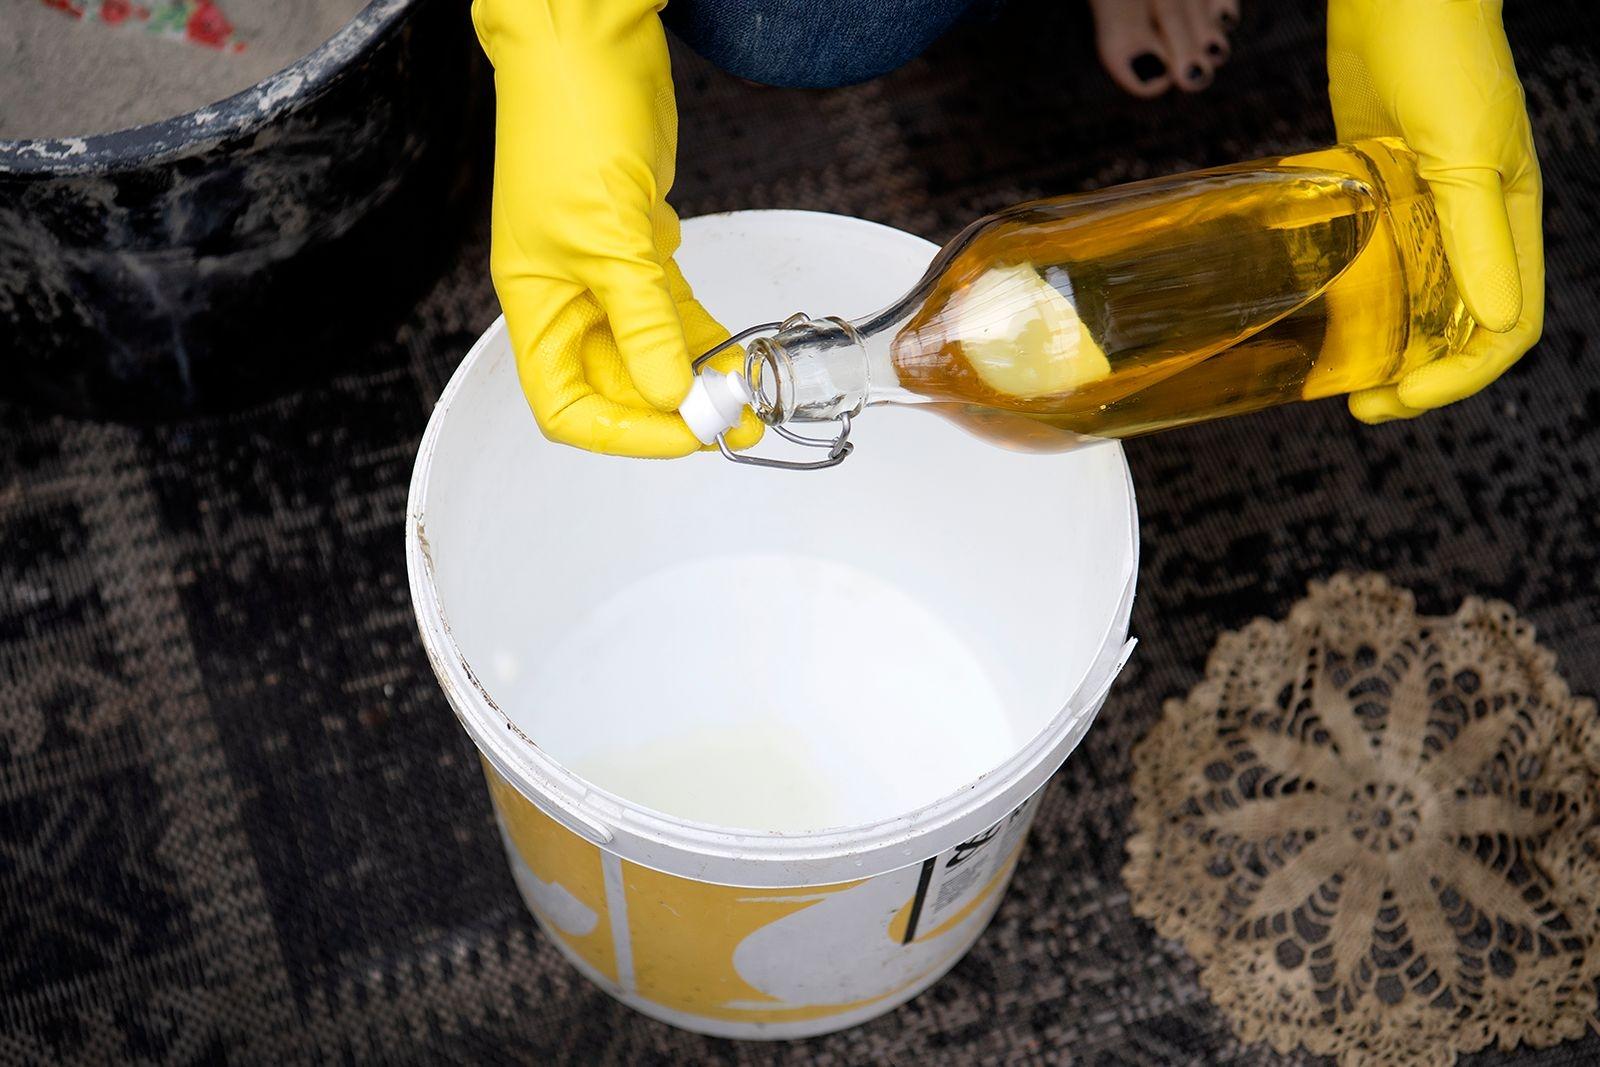 Olja insidan av en spann i lämplig storlek. Det gör att betongen och duken släpper lättare.